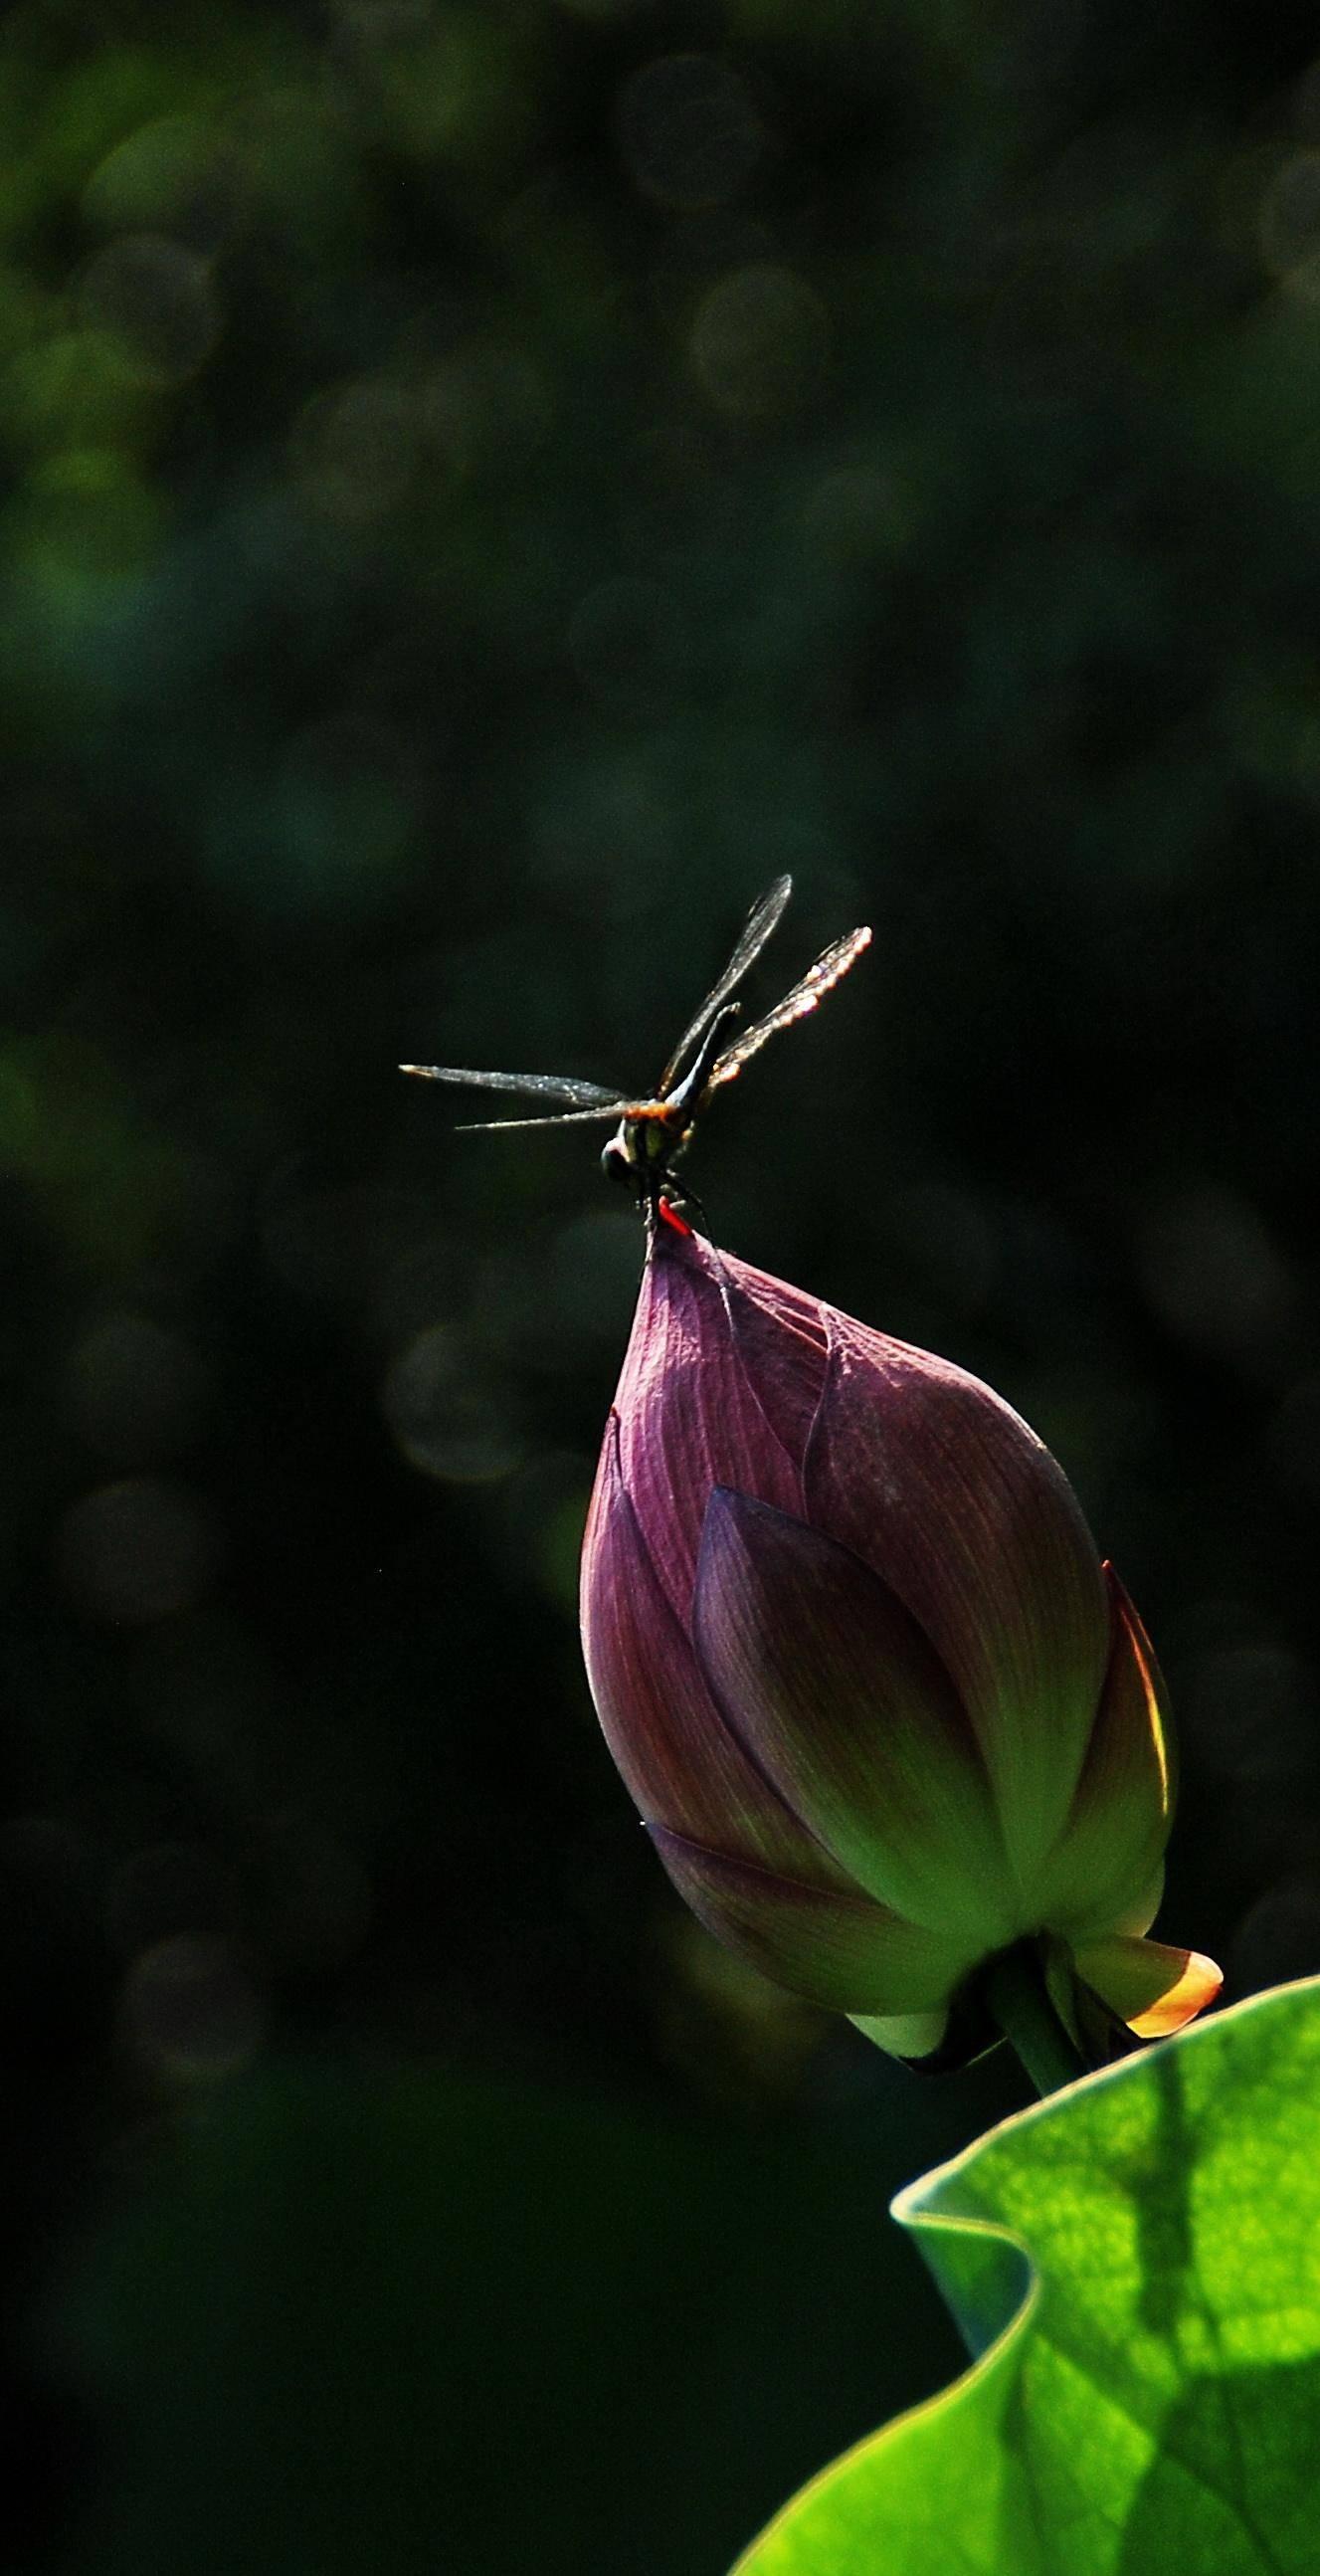 早有蜻蜓立上头全诗的意思,是夏天吗